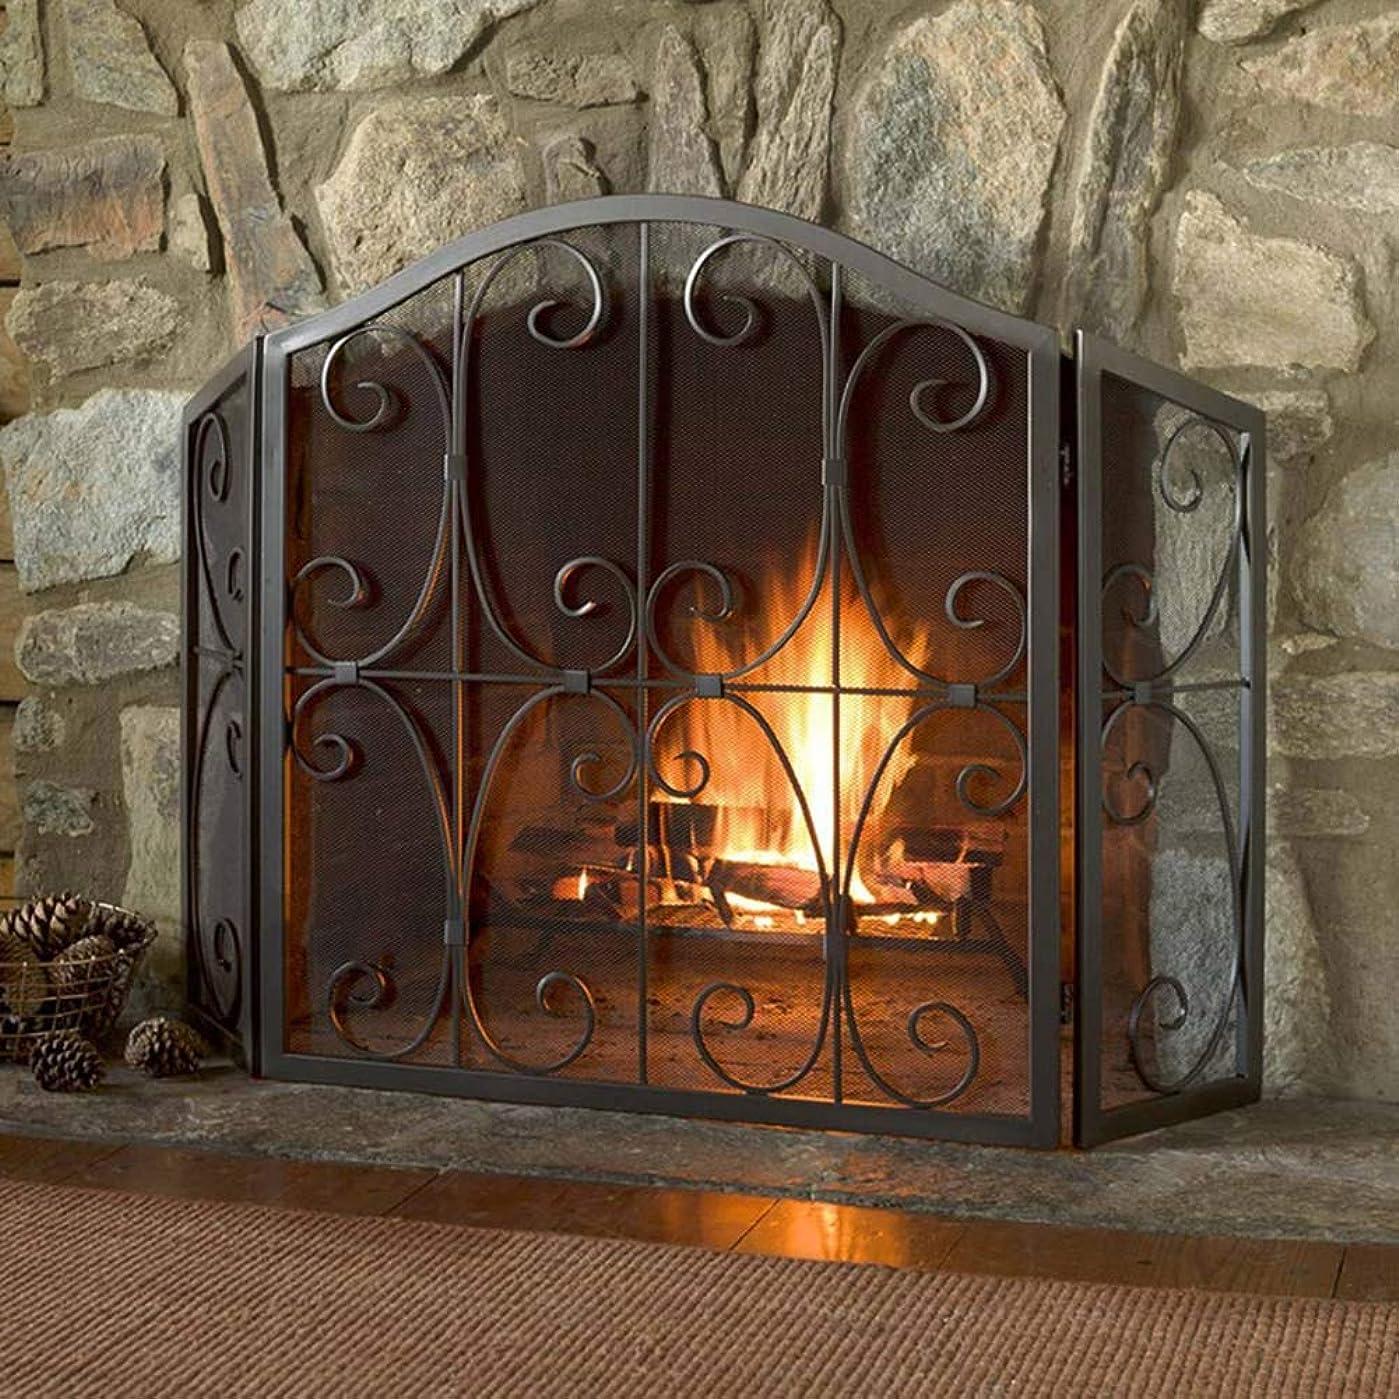 アリーナ書誌有益暖炉スクリーン 赤ちゃんペットの安全のための3パネルブラック消防ガードスクリーン、装飾的なスクロールデザインのビンテージメッシュ暖炉スクリーン